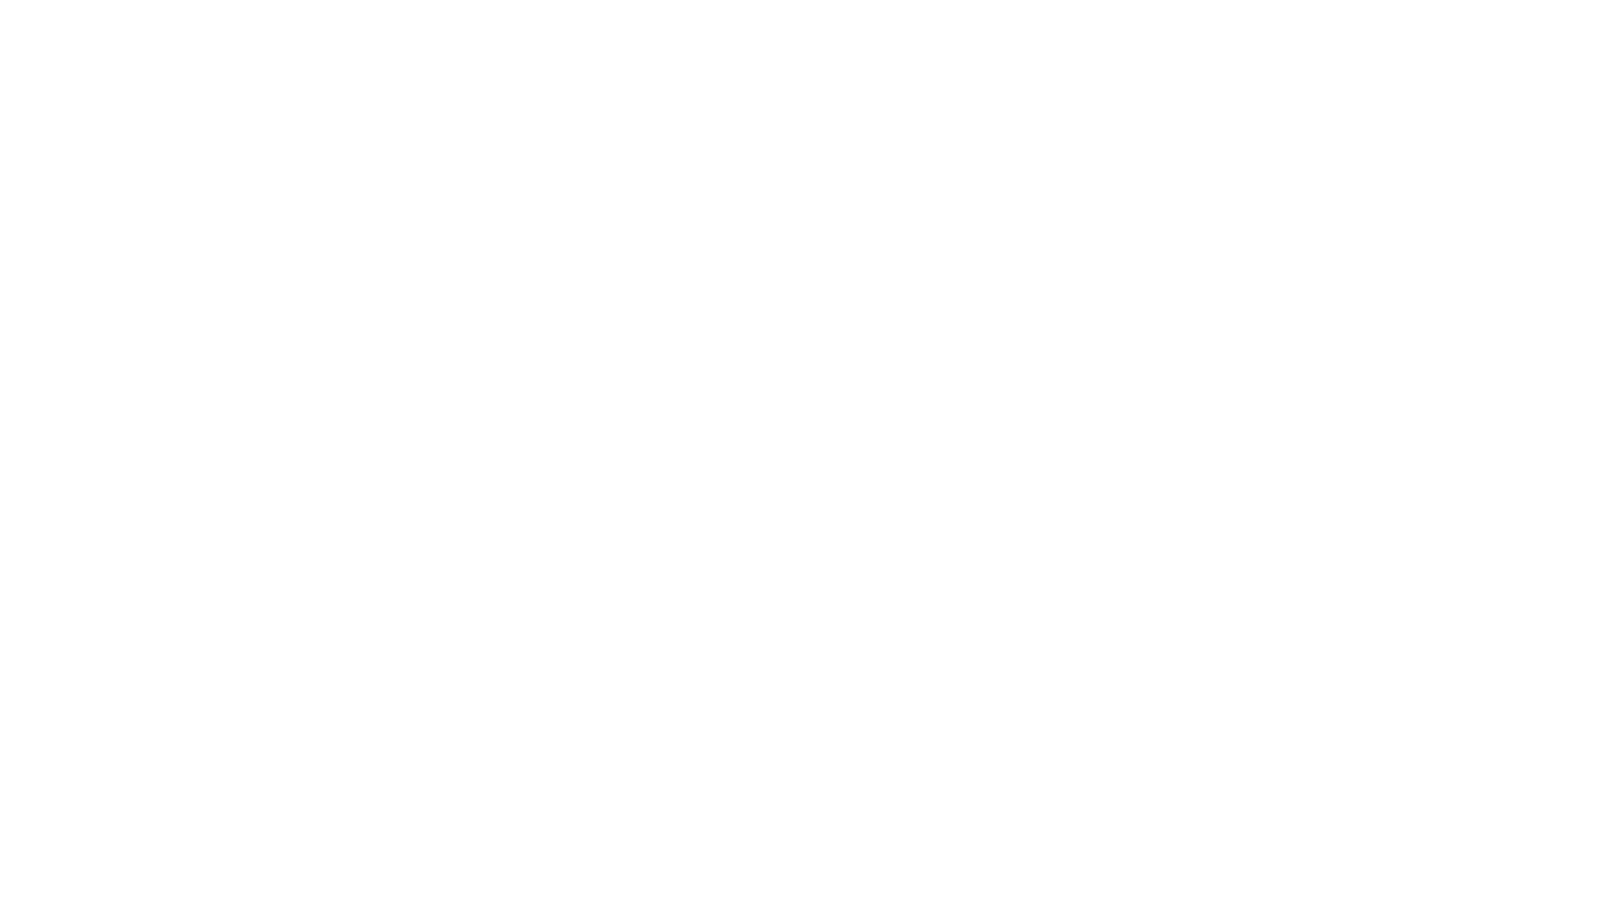 Kadın futbol takımımız, yeni sezon çekimlerini gerçekleştirdi.   Özel içerikler için Fenerbahçe YouTube'a KATIL: https://www.youtube.com/channel/UCgqlho3-8a6FmDqQm7Q6gJw/join  Fenerbahçe YouTube, Fenerbahçe YouTube Katıl ve FBTV YouTube kanallarına yüklenen videoların herhangi bir YouTube kanalında ve YouTube dışında farklı mecralarda izinsiz kullanılması yasaktır. İzinsiz kullanımlarda YouTube Content ID Telif Hakkı Koruma devreye girecektir.  Abone olarak Fenerbahçemize destek olabilirsiniz. ►http://bit.ly/2HUdAT7  Fenerbahçe YouTube'da bulunan videolara başlık, açıklama ve altyazılara farklı dillerde katkıda bulunmak için  ► http://www.youtube.com/timedtext_cs_panel?c=UCgqlho3-8a6FmDqQm7Q6gJw&tab=2  İzlemeniz gereken eğlenceli son videolarımız!  🔸 Canbay & Wolker'ın En İyi 11'i | BenimKadrom https://bit.ly/3y684Ut  🔹 İçimizden Biri: Erkan Karaca | 4. Bölüm https://bit.ly/2U9IDCN 🔸 Altay Bayındır ile 1 Gün 😎 https://bit.ly/3xYn7zq  🔹 Naz Aydemir Akyol Kahve Yaparsa 😅☕️ https://bit.ly/3hdNuKT    🔸 PASS MertHakanYandaş | 7. Bölüm https://bit.ly/3qwXSSi 🔹 Maestro José Sosa İle Mate Yapımı 🍵 https://bit.ly/2UCAJSq  🔸 Kutumda Ne Var? - Bright Osayi-Samuel | NeKiBuKi🤔 https://bit.ly/3jnKazp   İzlemeniz gereken video albümlerimiz!  🔸 Fenerbahçe YouTube Originals ► https://bit.ly/2T7e5By 🔹 Katıl'a Özel ► https://bit.ly/3x3ZAgj 🔸 Challenge Videoları ► https://bit.ly/3vZ006l 🔹 Bire Bir ► https://bit.ly/3qup2cq 🔸 Deplasman Hikayeleri ► https://bit.ly/3xWkHBa 🔹 İçimizden Biri ► https://bit.ly/3hbv9hH 🔸 Maç Özetleri ► https://bit.ly/3qx04Jw  Fenerbahçe Spor Kulübü'nün YouTube sayfasına hoş geldiniz. Faaliyet gösterdiğimiz tüm branşlarda sizler için hazırladığımız videoları kanalımızda bulabilirsiniz.  Siz de abone olarak Fenerbahçemize destek olabilirsiniz!  ** #Fenerbahçe SK Resmi YouTube Sayfasıdır The Official YouTube Channel of Fenerbahce SK